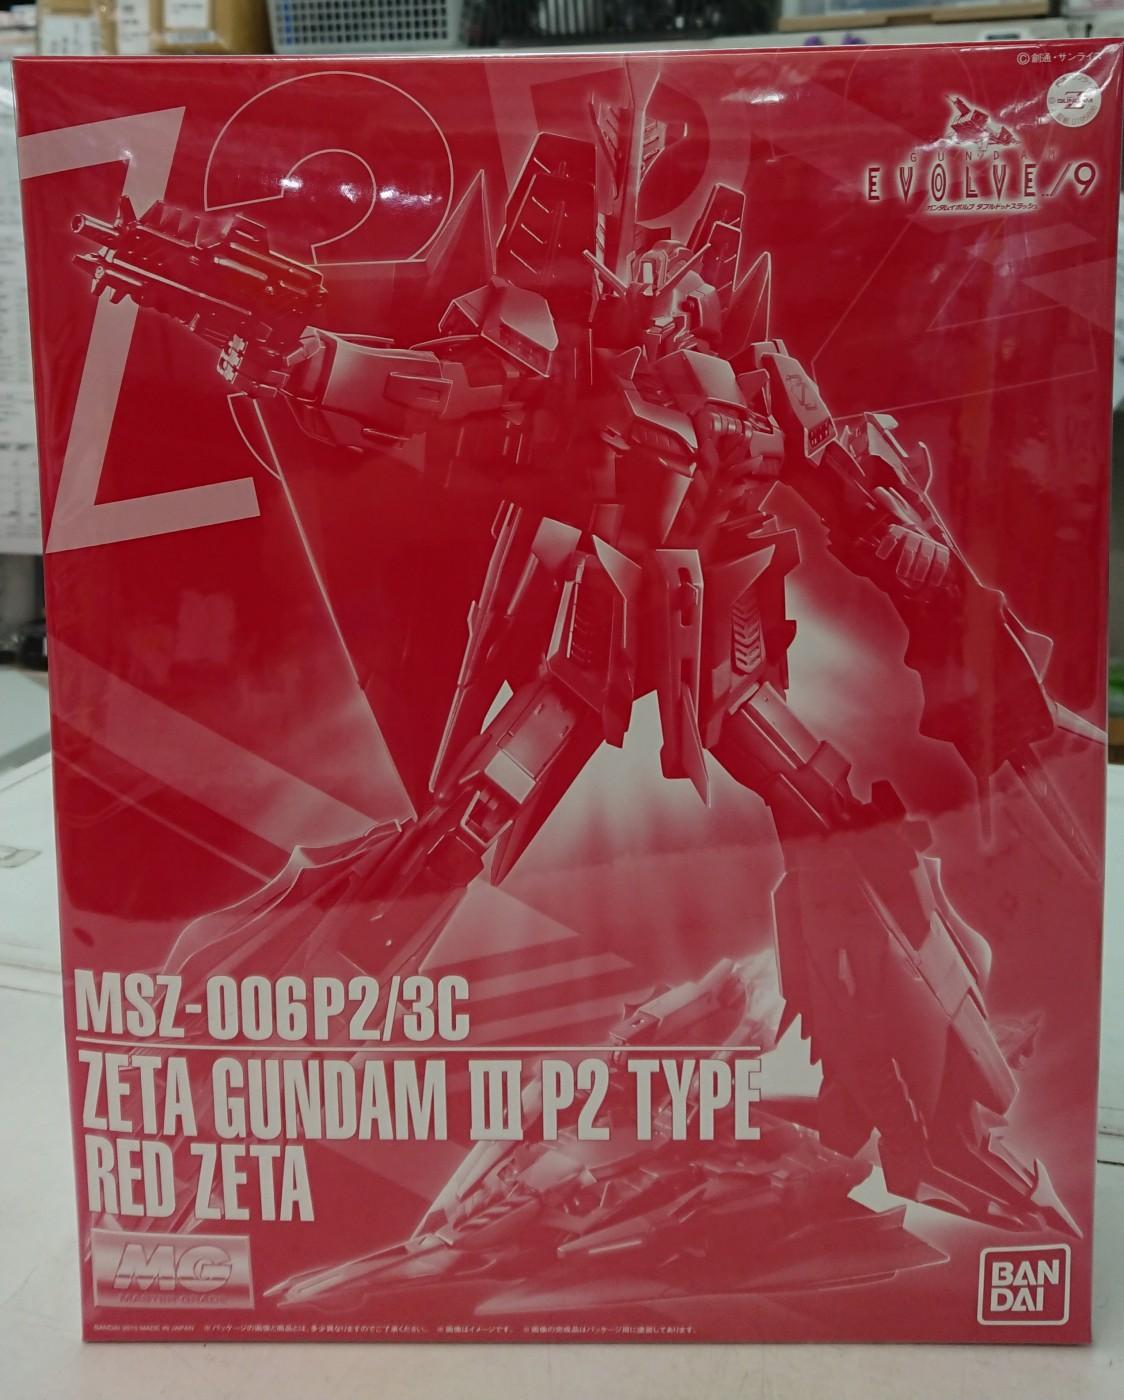 買取情報『バンダイのプレミアムバンダイ 限定 MG ゼータガンダム3号機 P2型 レッド・ゼータ』